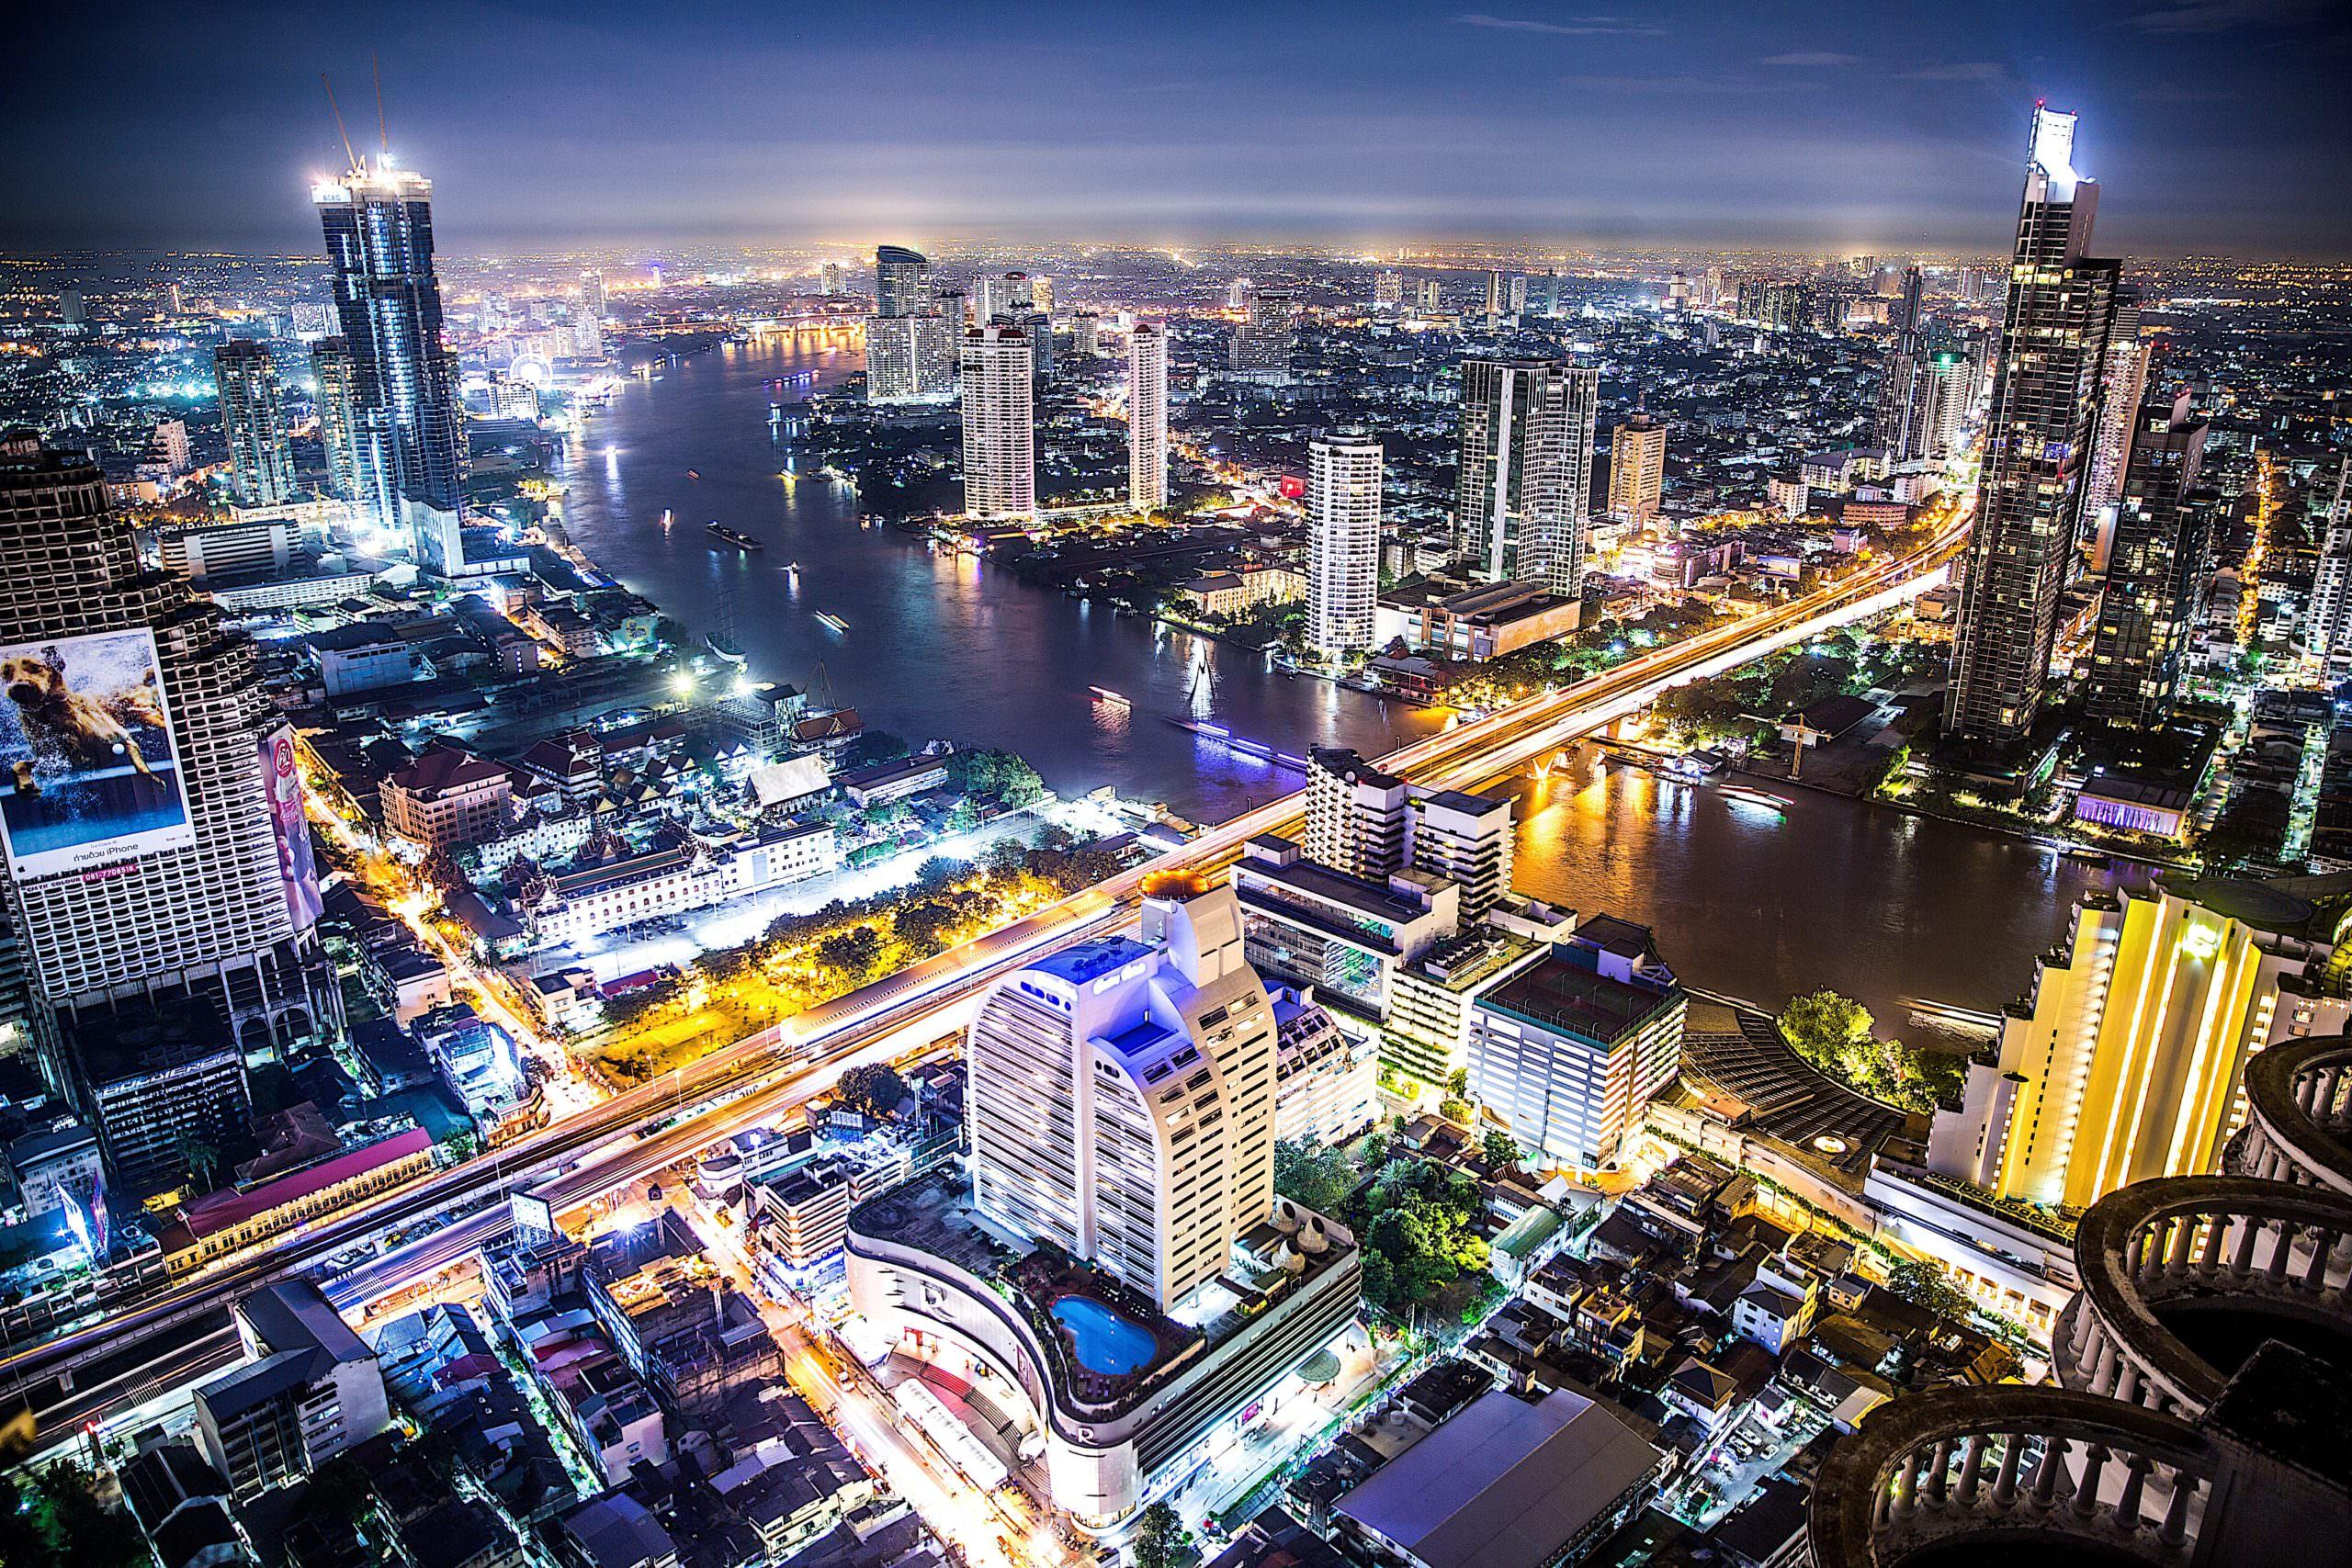 أفضل الأماكن المناسبة للزيارة في بانكوك – تايلاند